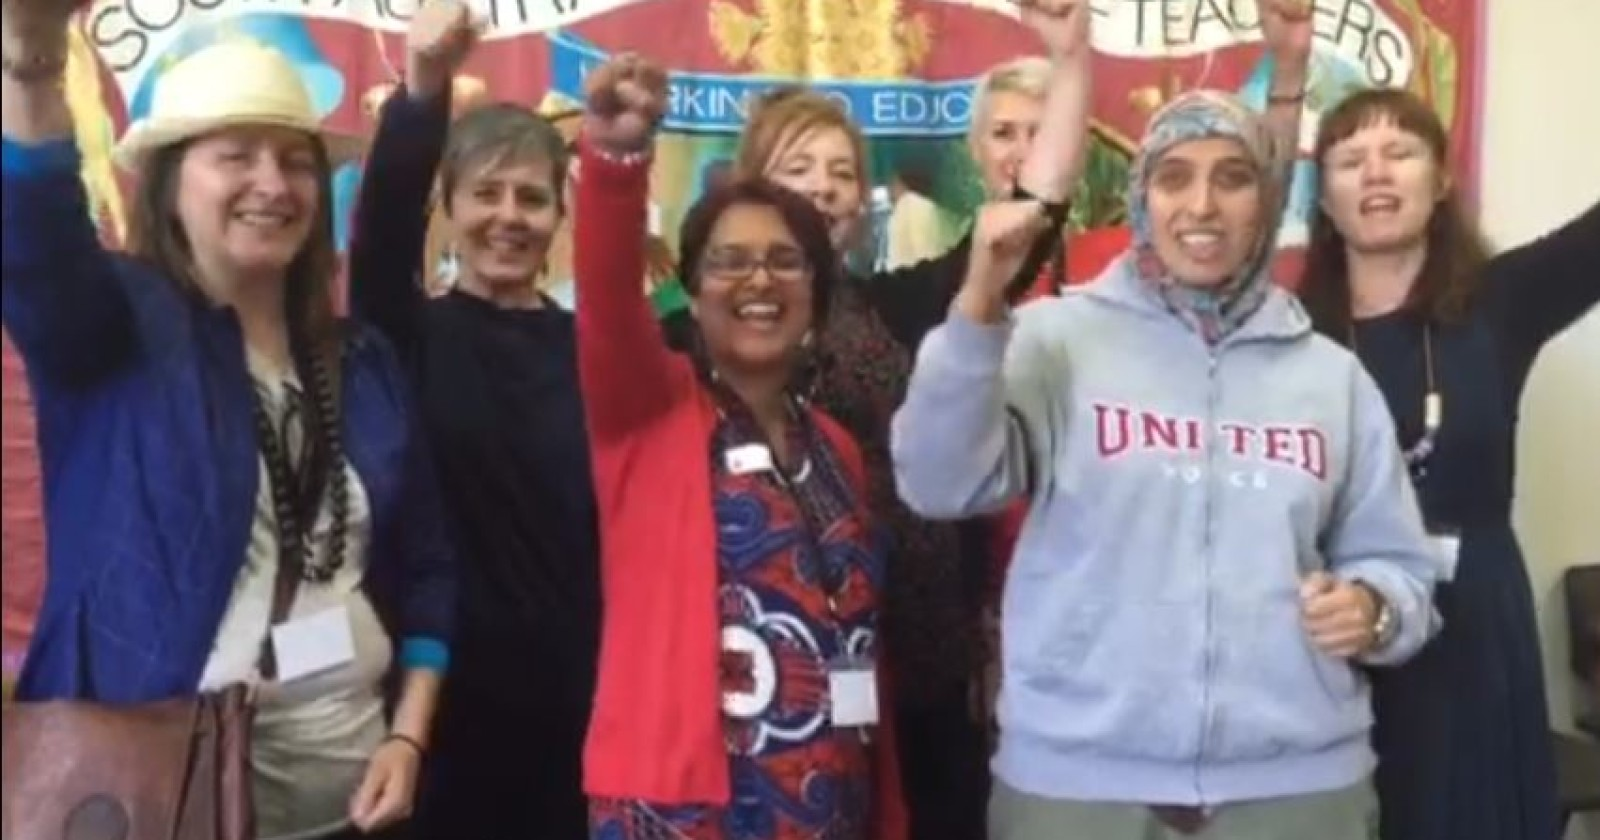 Solidarität von Down Under - Australische Kolleginnen & Kollegen an unsere Seite.